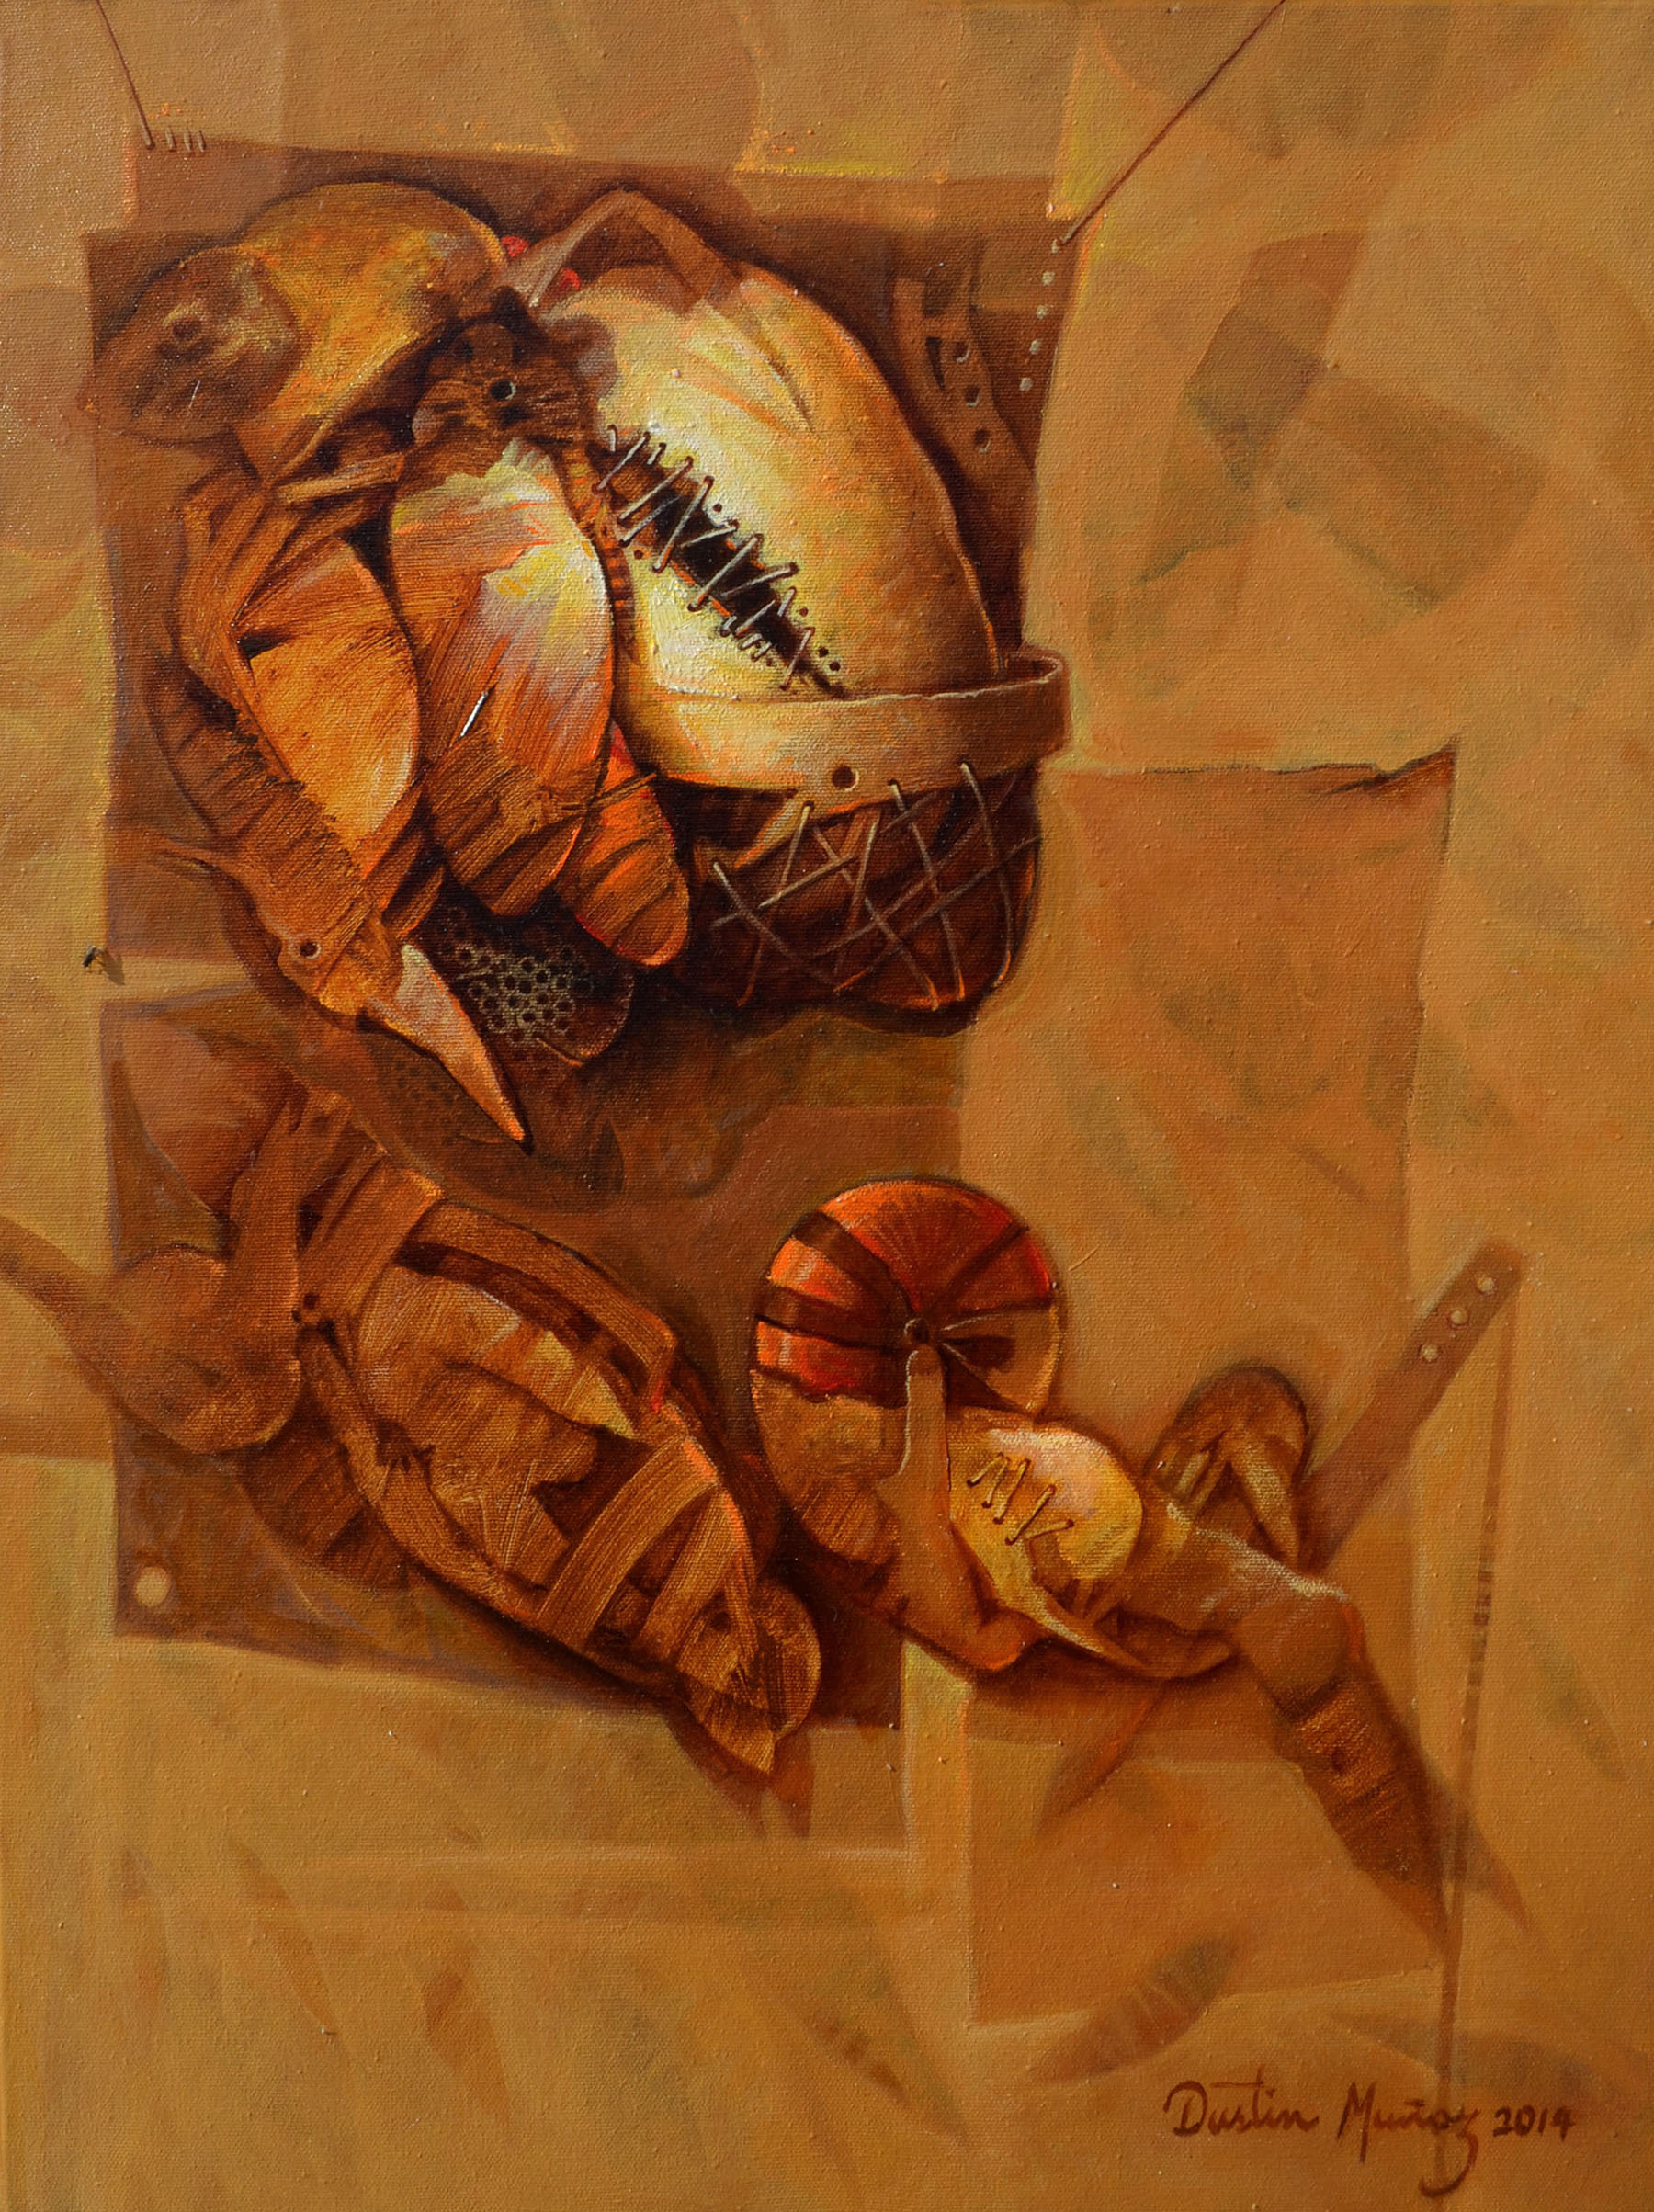 El pescador, 24x20 pulgs, Dustin Muñoz, 2014